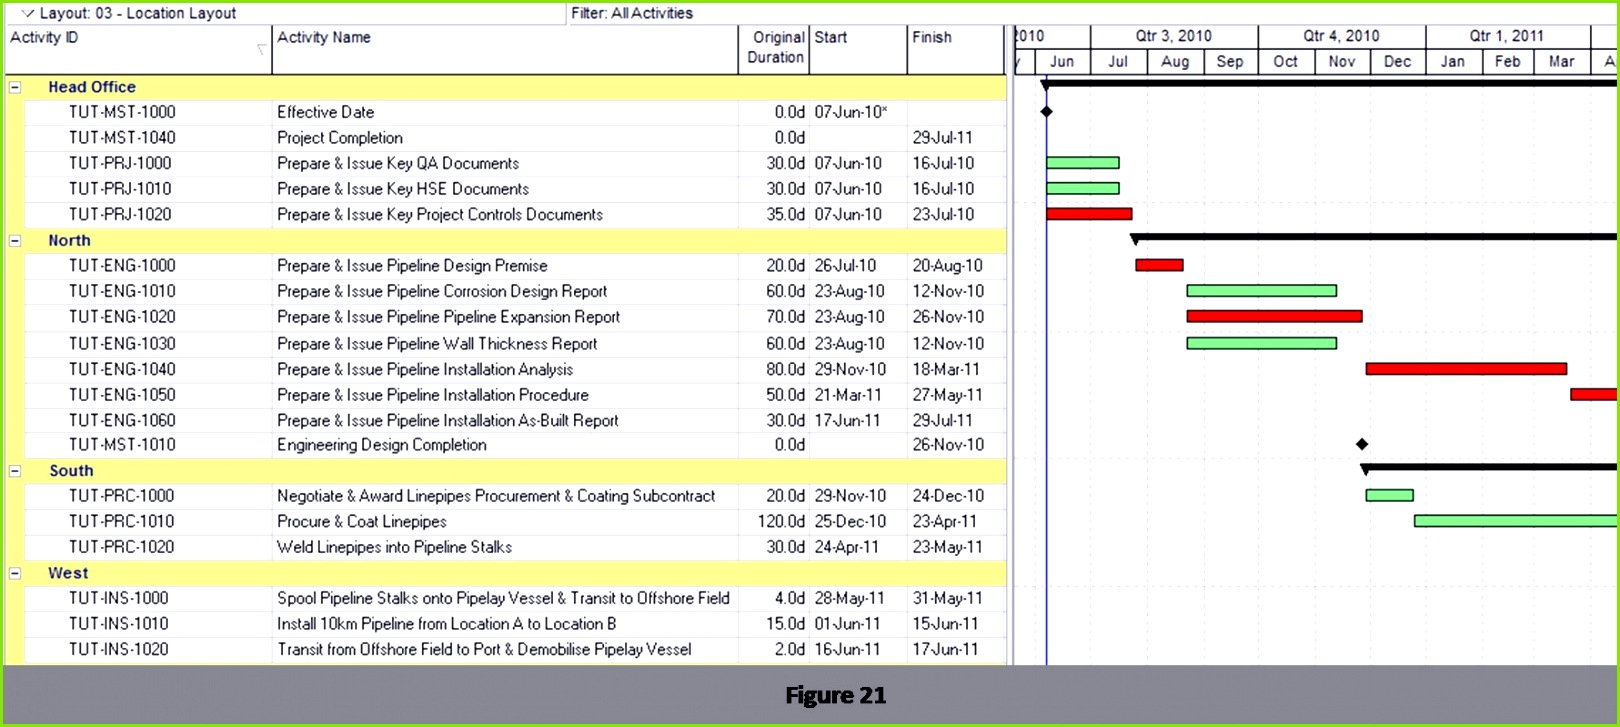 Dienstplan Vorlage Einzigartig Schichtplan Vorlage Luxury Excel Dienstplan V3 Download Biokotor